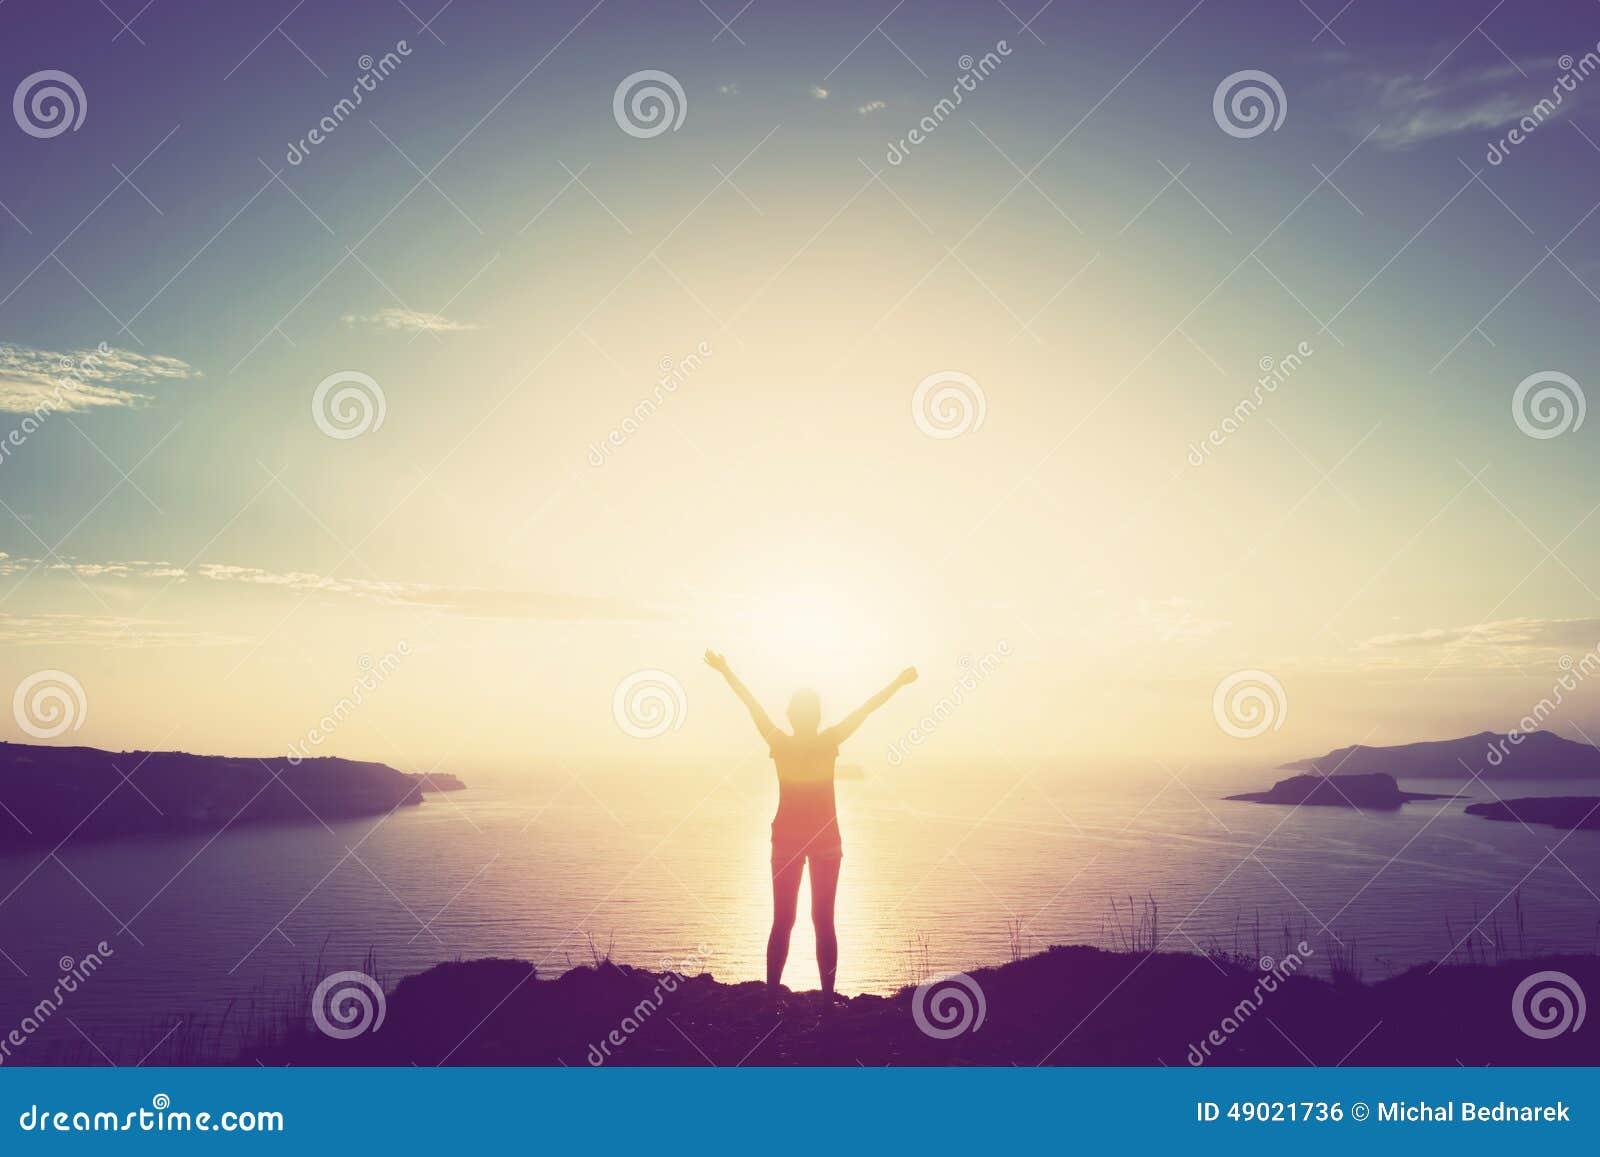 Lycklig kvinna med händer upp på klippan över havet och öar på solnedgången